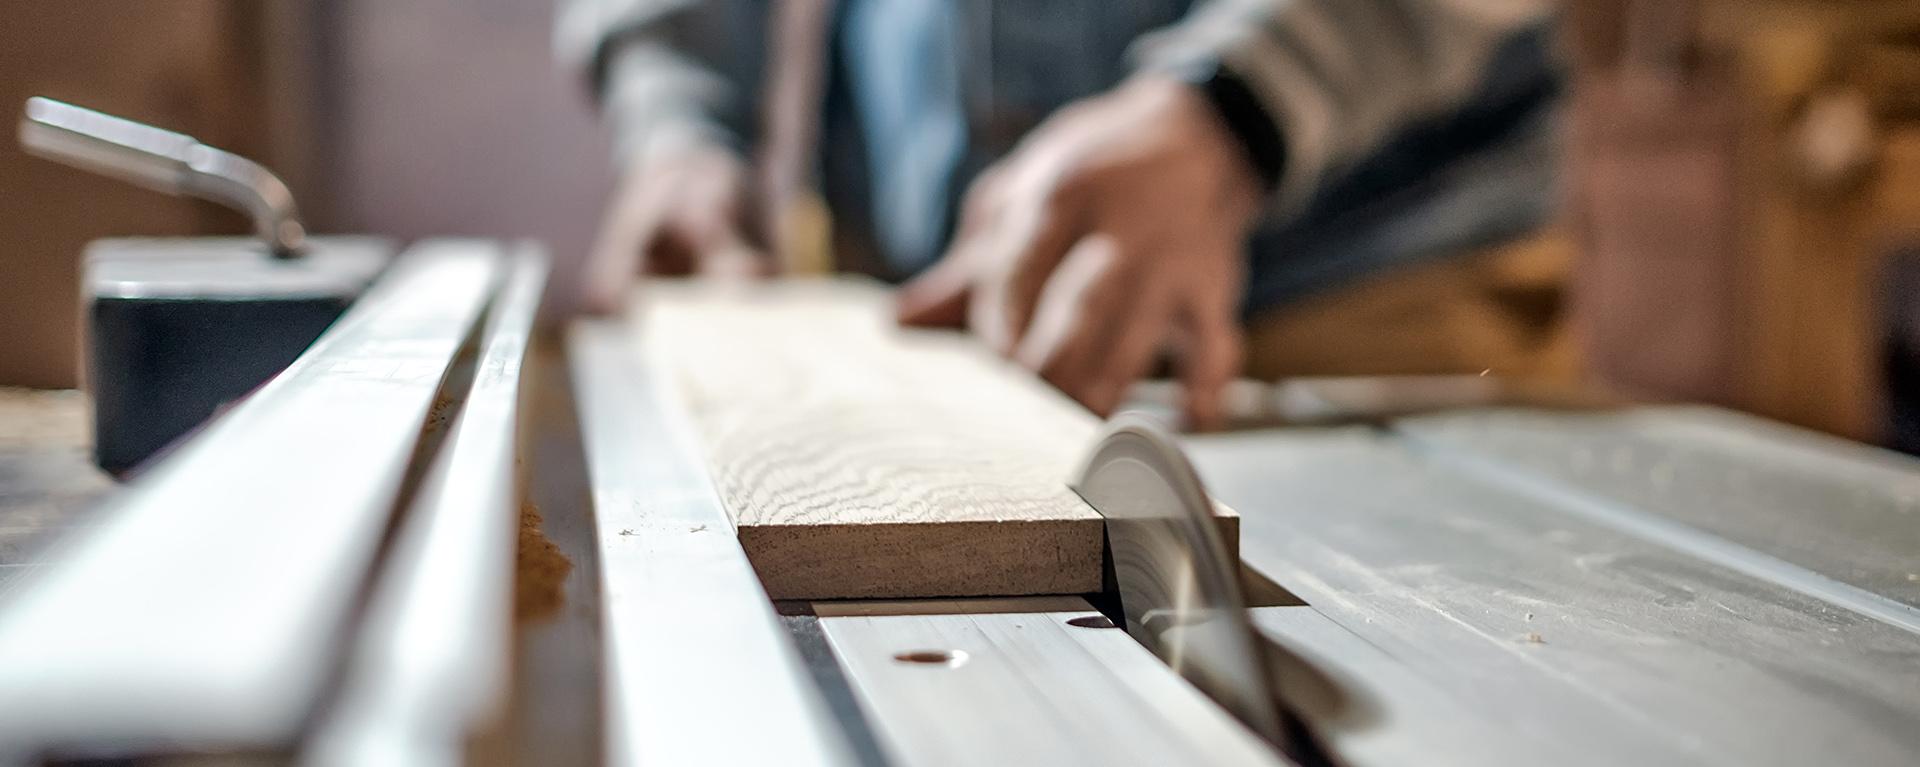 cabinet making shop